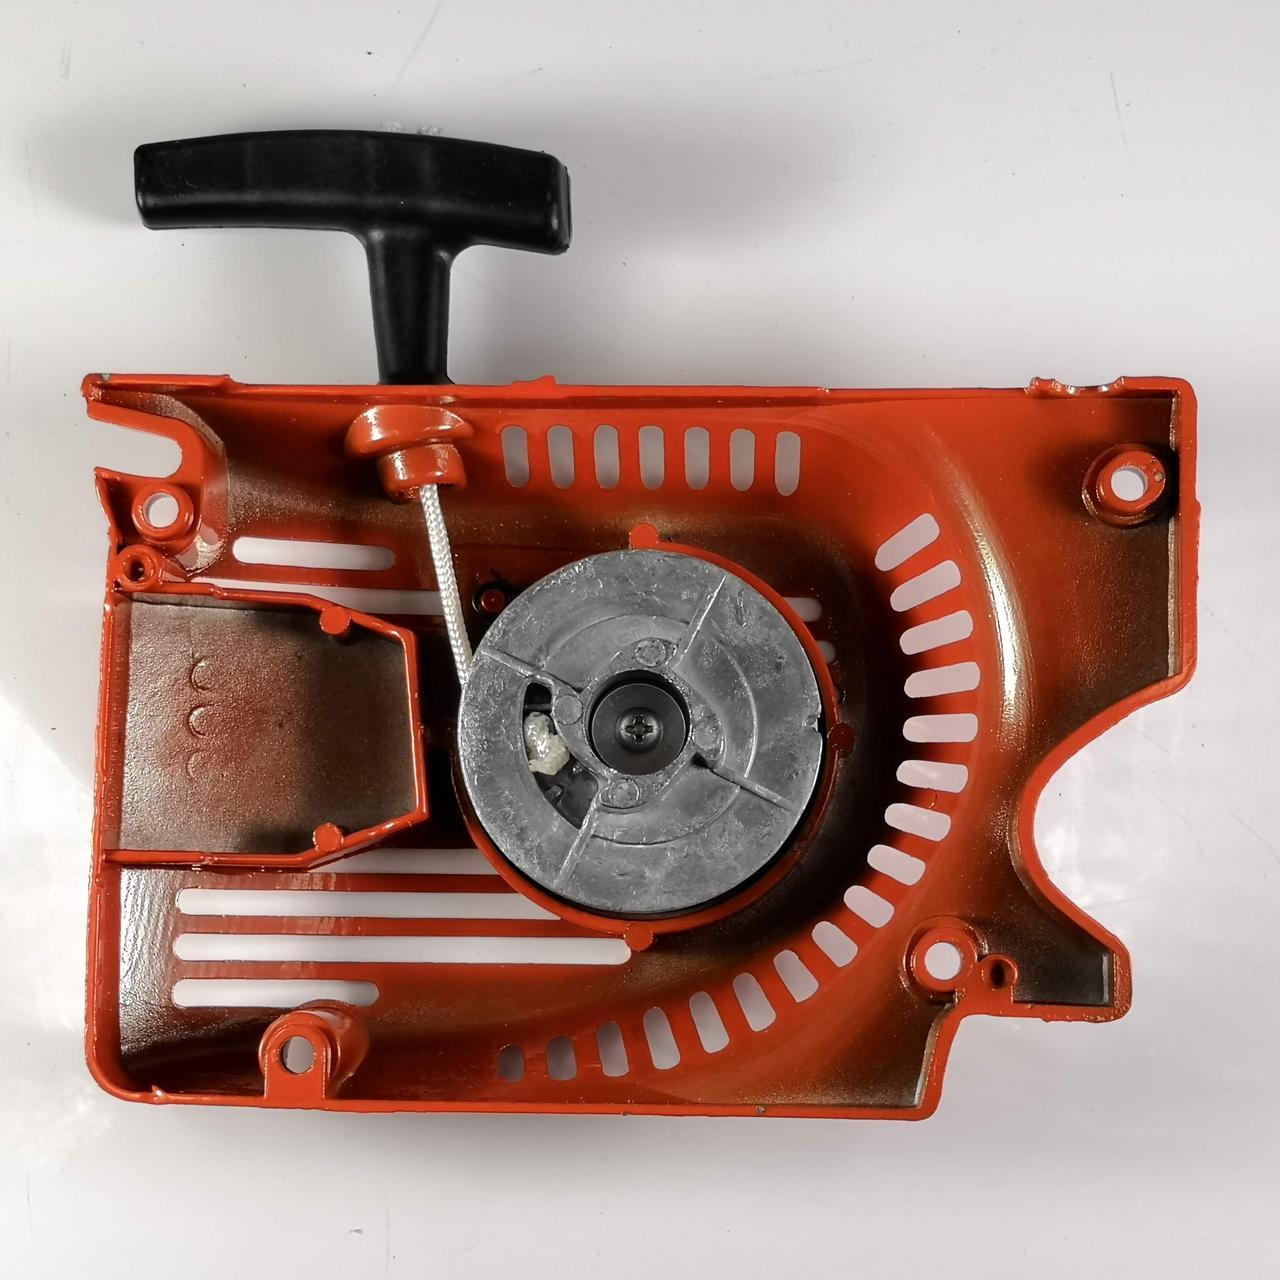 Стартер алюминиевый 4 зацепа алюм шкив для бензопилы Goodluck 45, 52